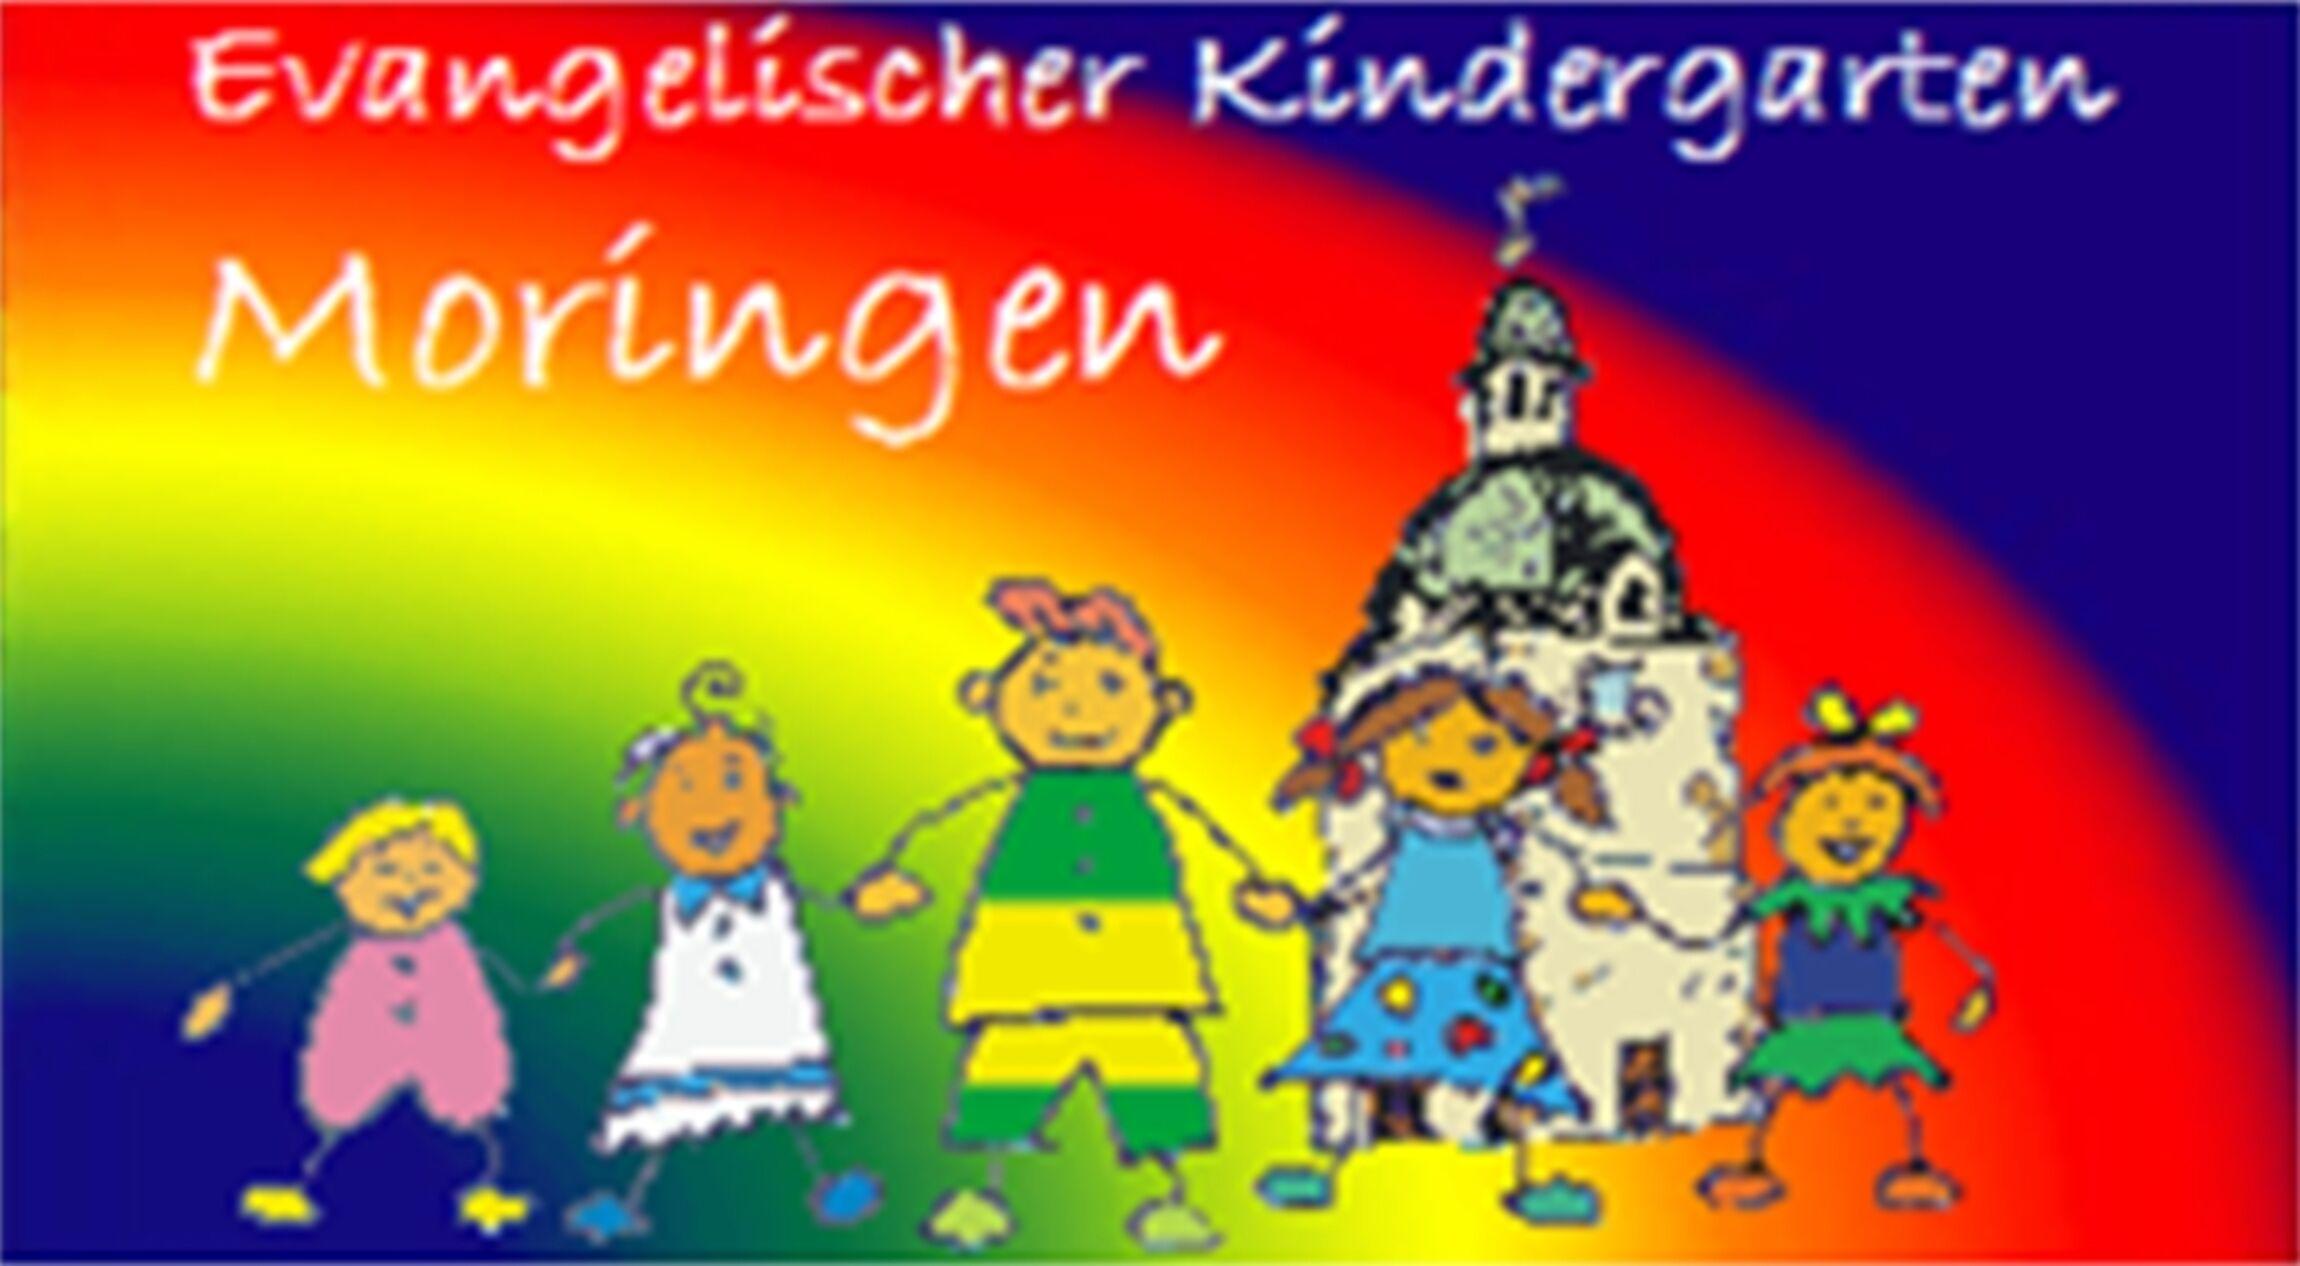 Logo Kindergarten Moringen 2